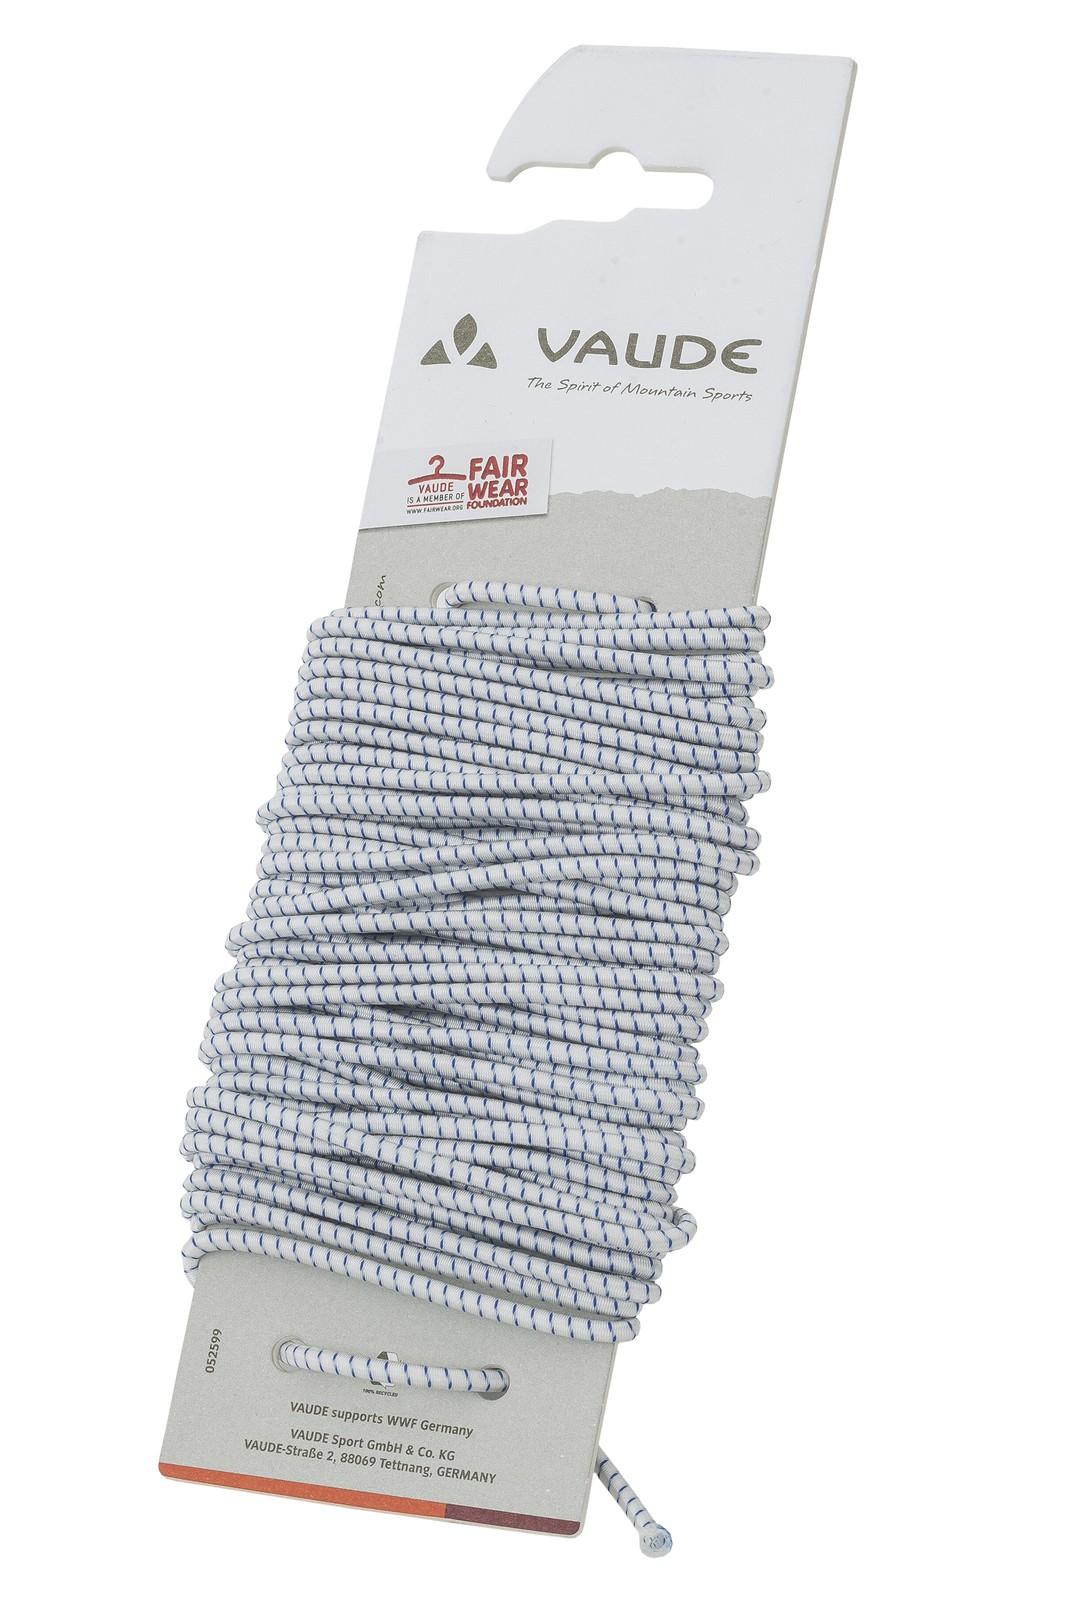 Vaude Shock Cord